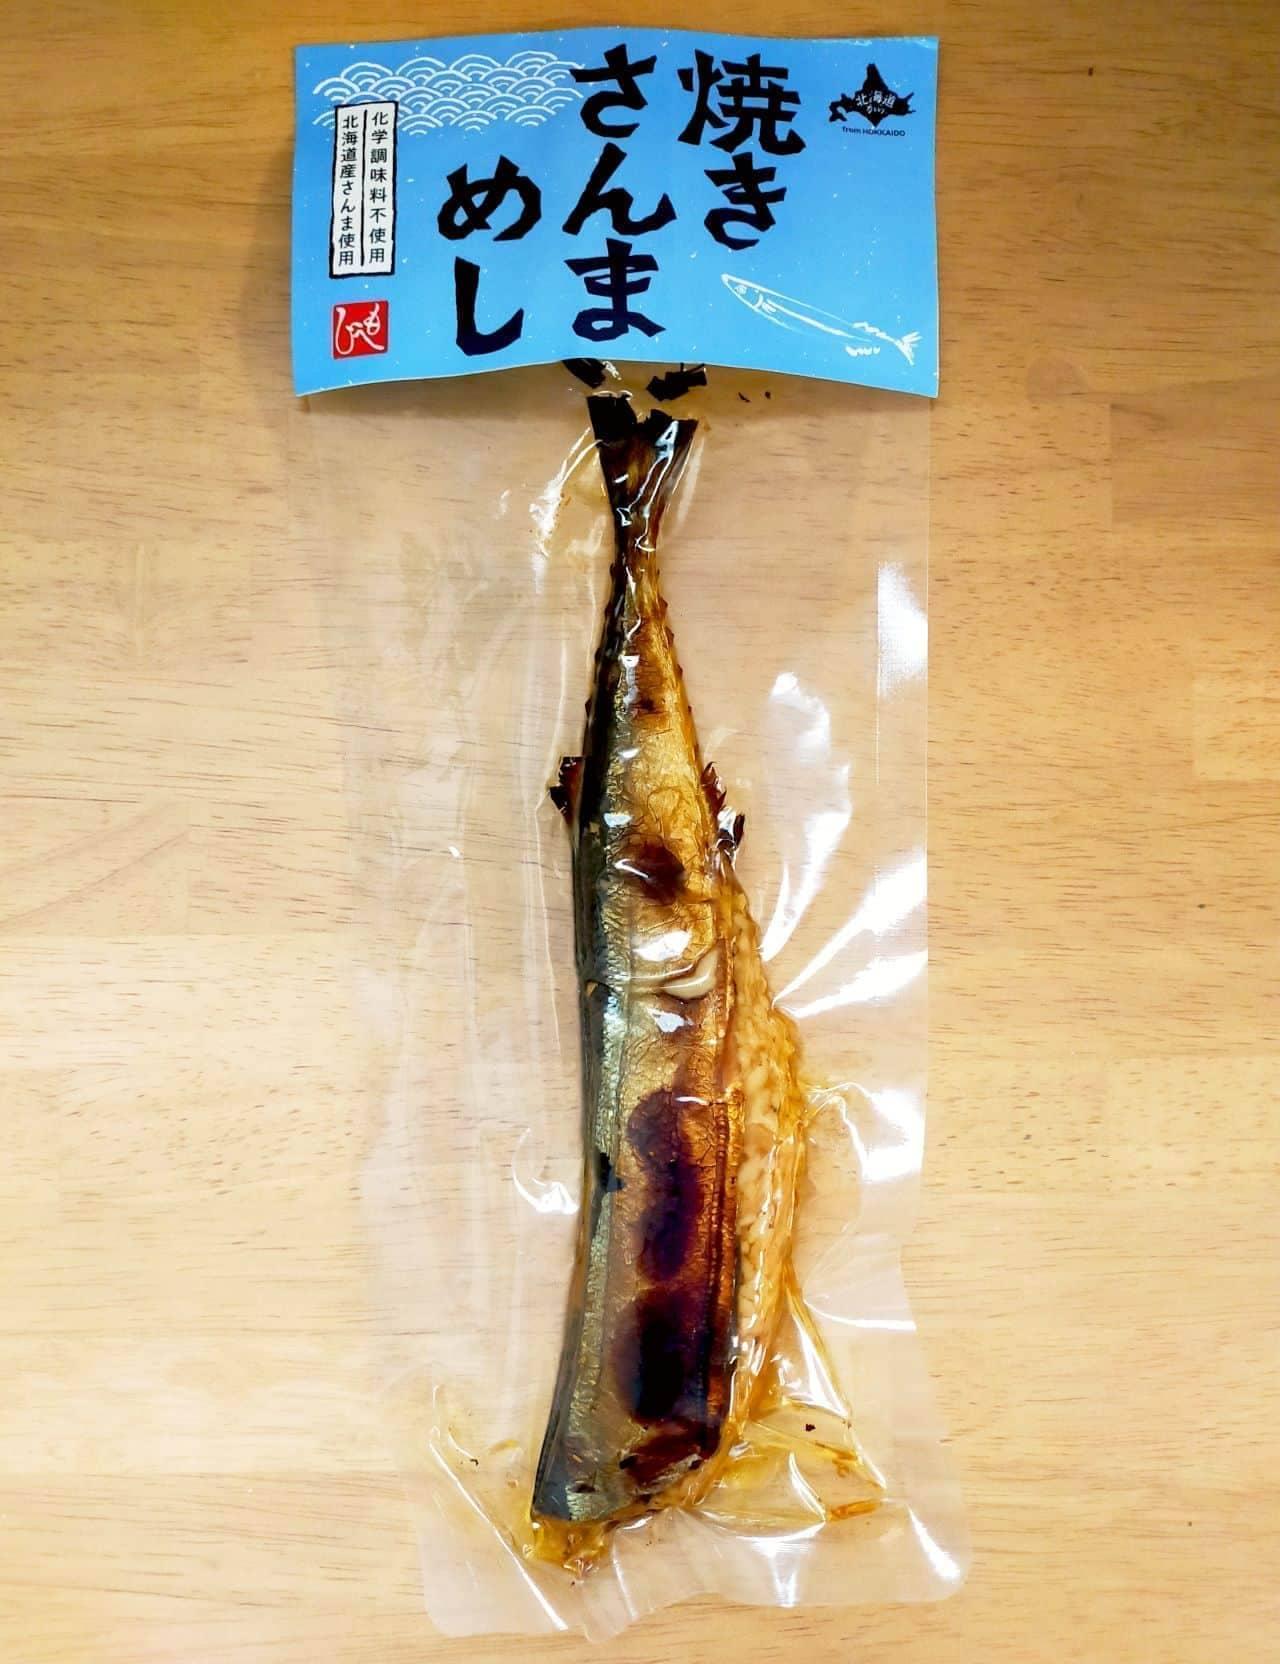 カルディ「もへじ 北海道から 焼きさんまめし」